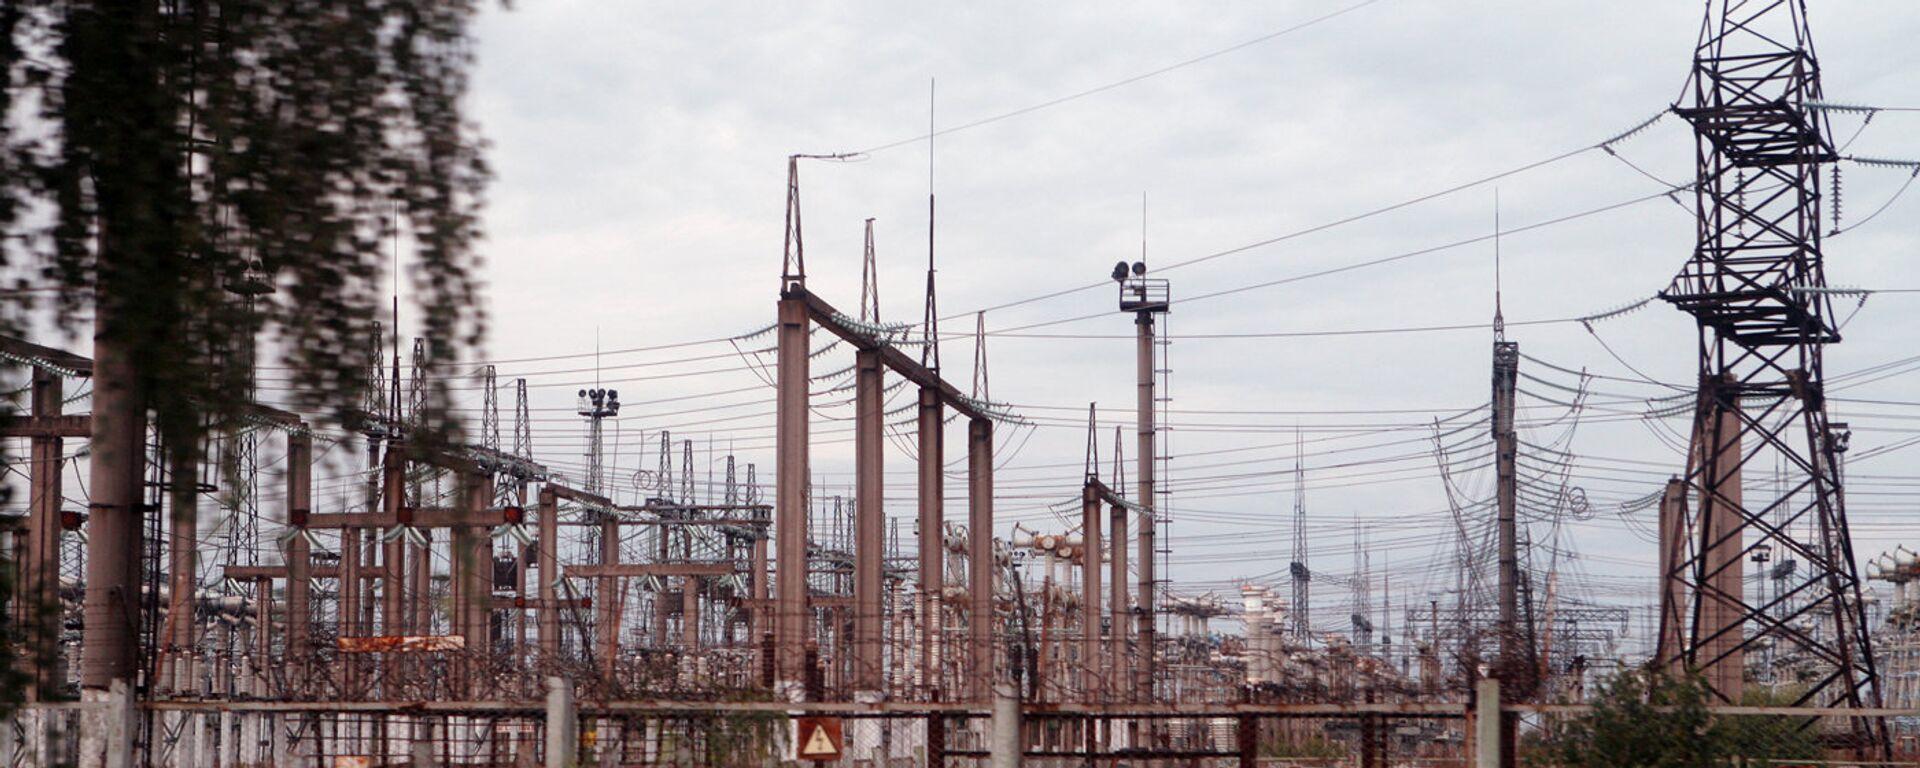 Трансформаторные подстанции и ЛЭП на территории АЭС - Sputnik Узбекистан, 1920, 27.08.2021